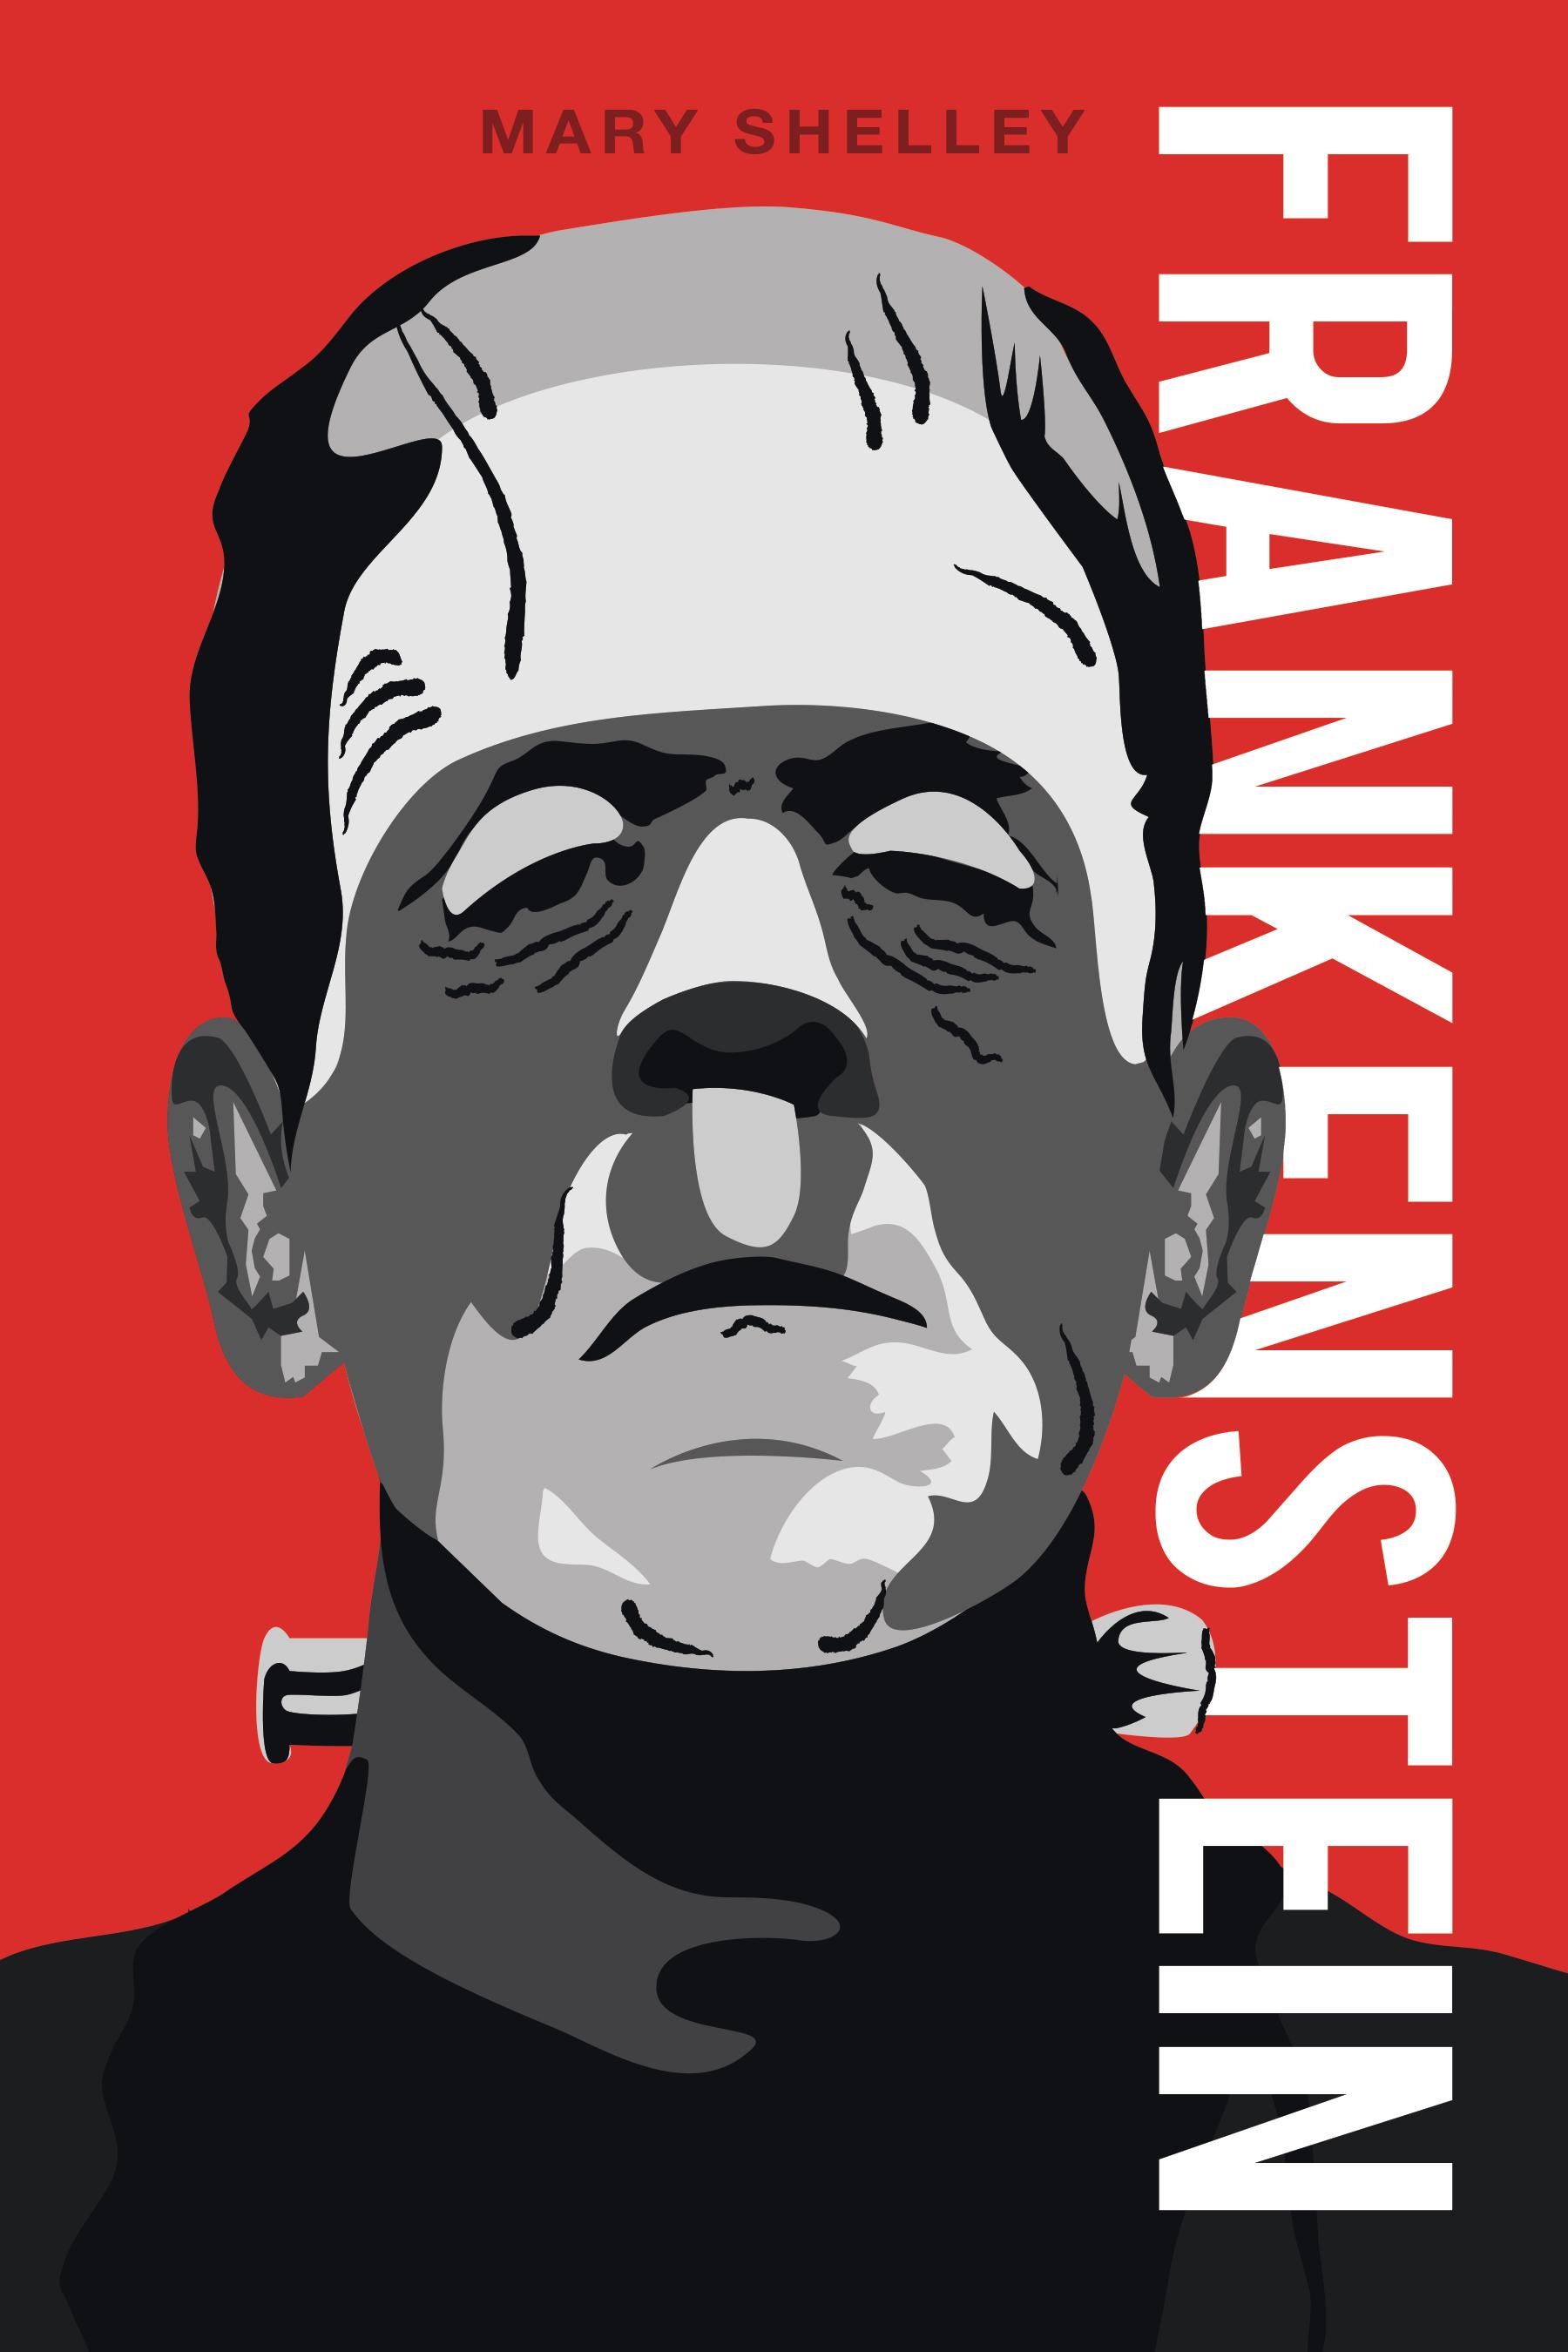 frankenstein book cover by mario0357 on deviantart